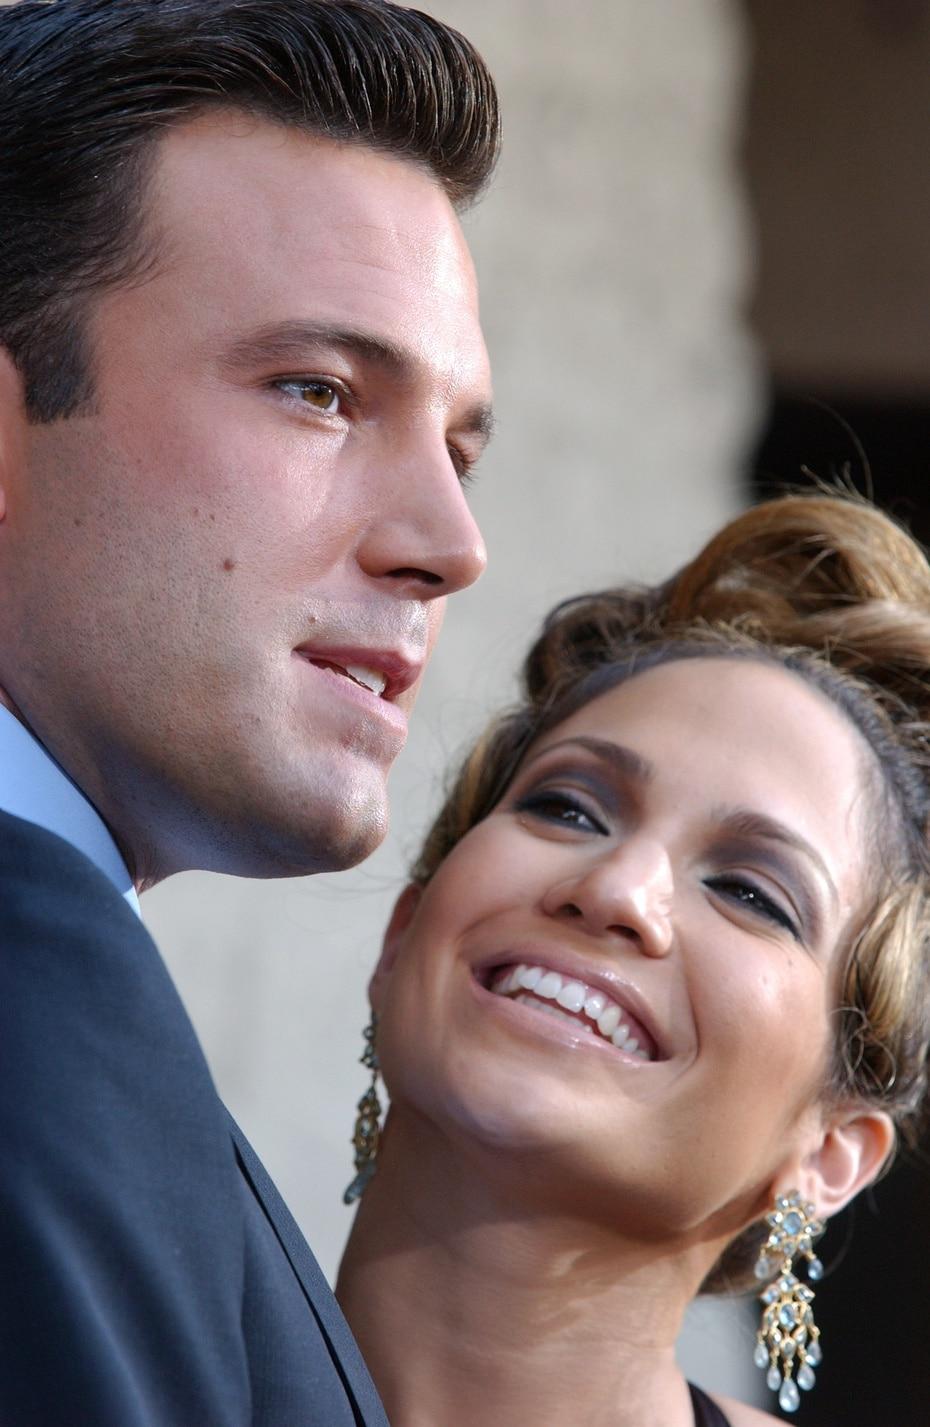 """En 2014, J.Lo dijo en """"Today show"""" que la ruptura de ella y Affleck probablemente fue su """"primer gran desamor""""."""